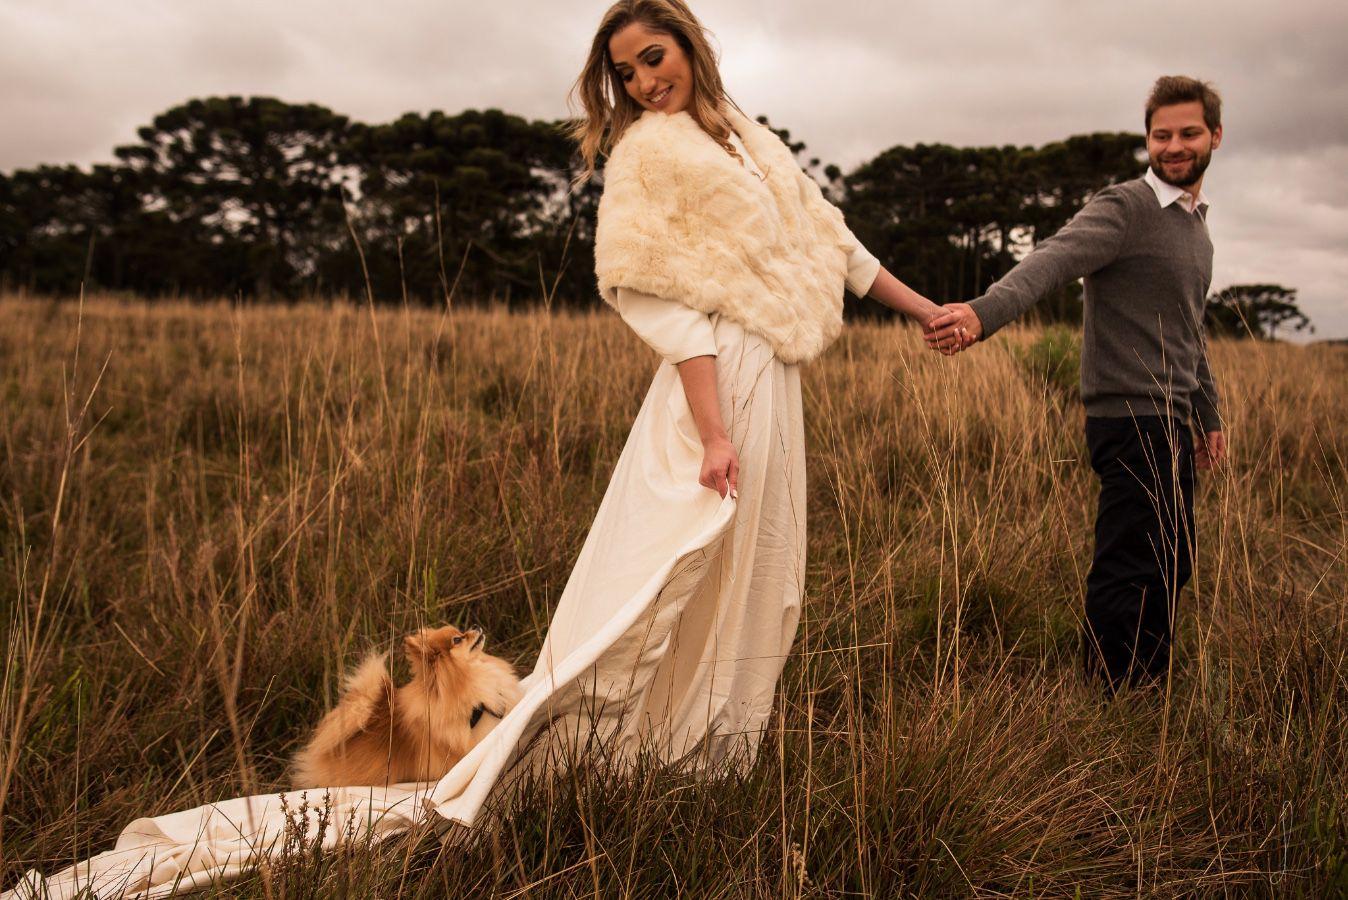 d29eba88-079a-48cf-a0f6-e0df45614731 Pré Wedding no interior gaúcho - Nicole e Rafael | Inspire-se